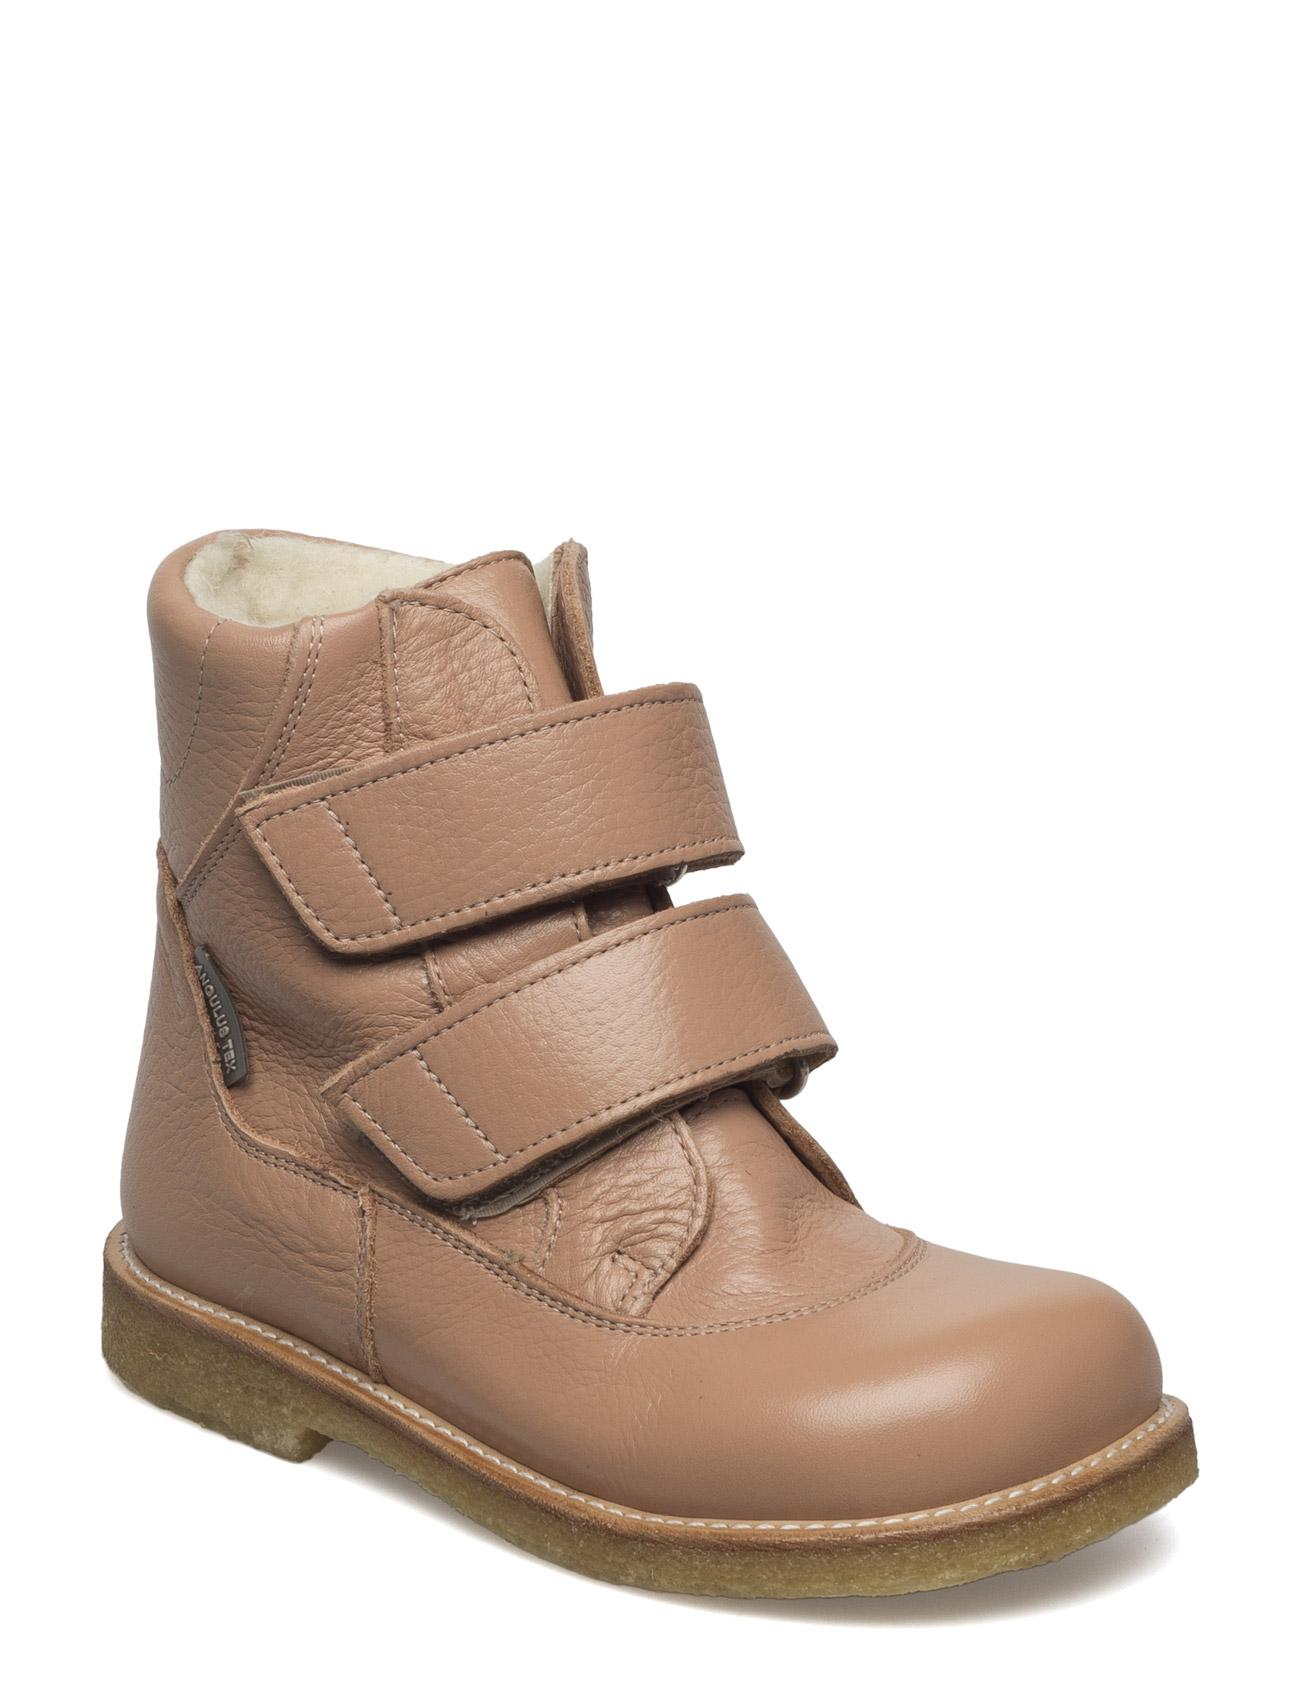 Boots - Flat - With Velcro ANGULUS Sko til Børn i